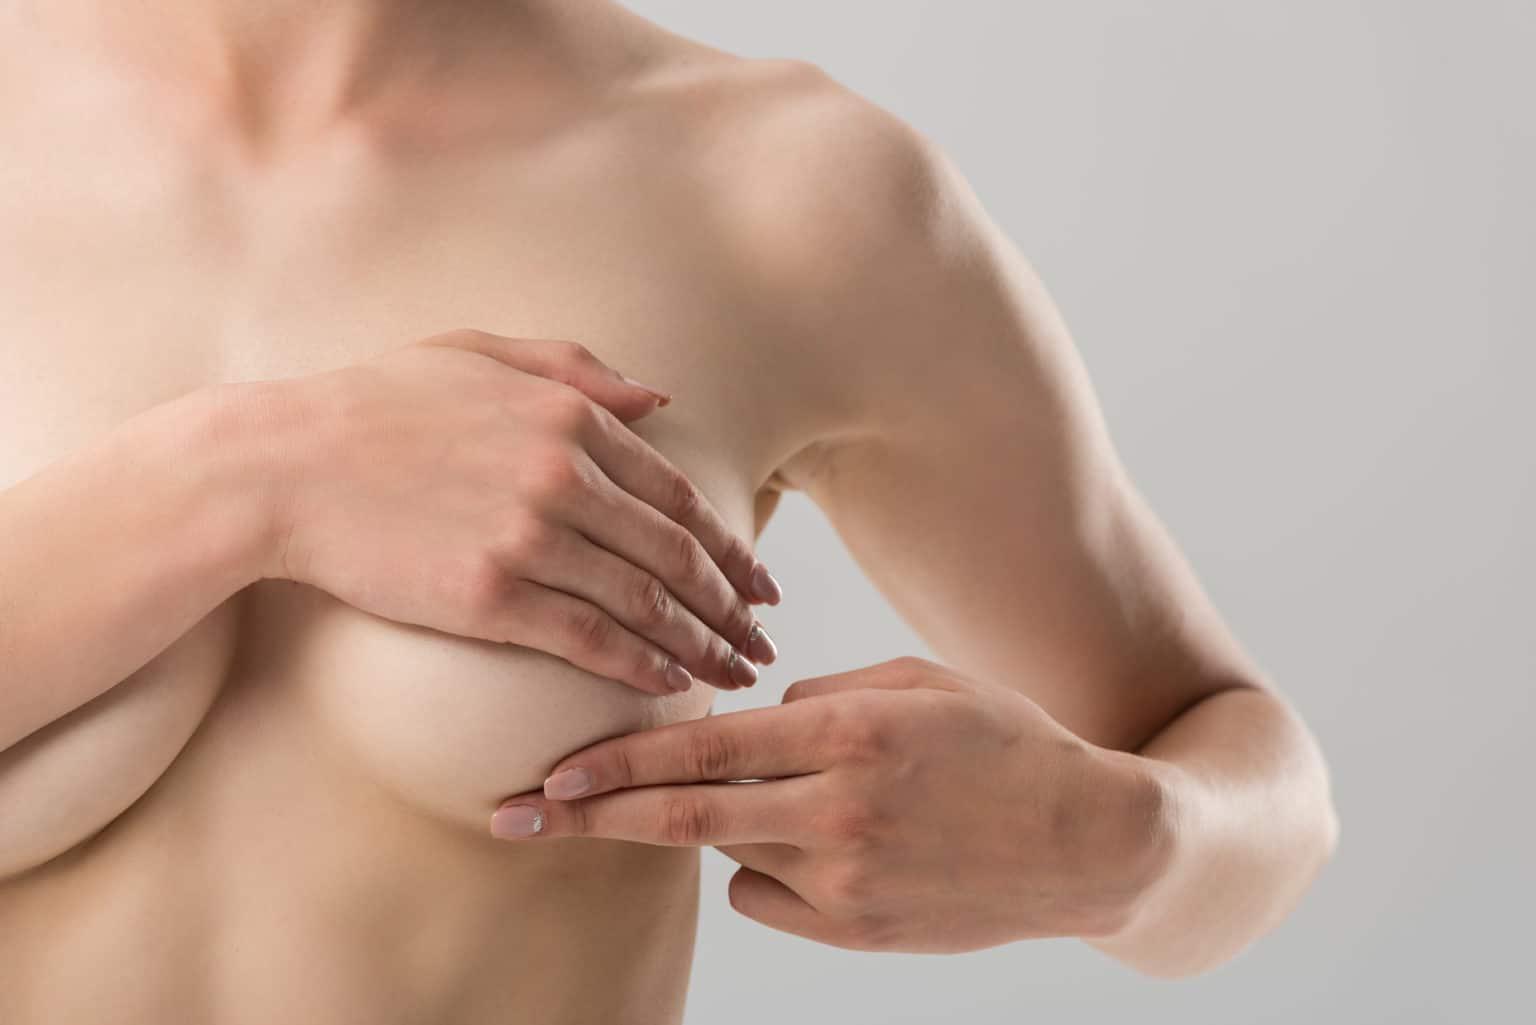 Efter bröstförminskning, kvinna täcker bröstvårta